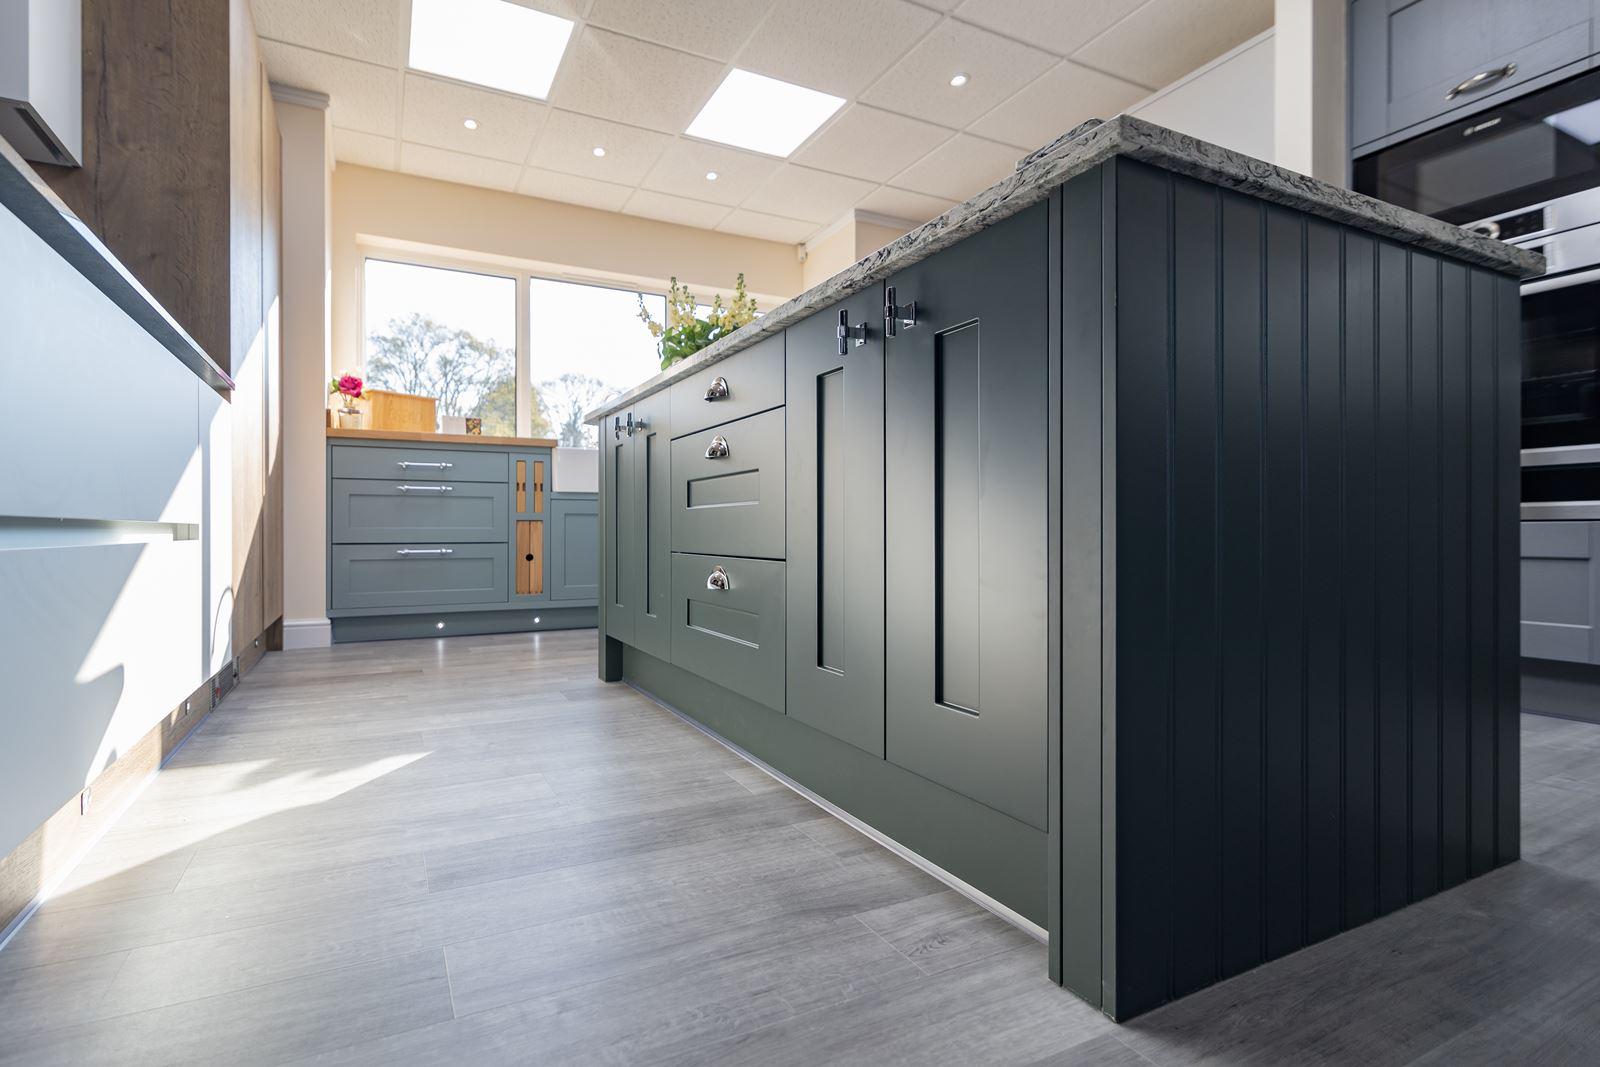 kitchen units Hampshire